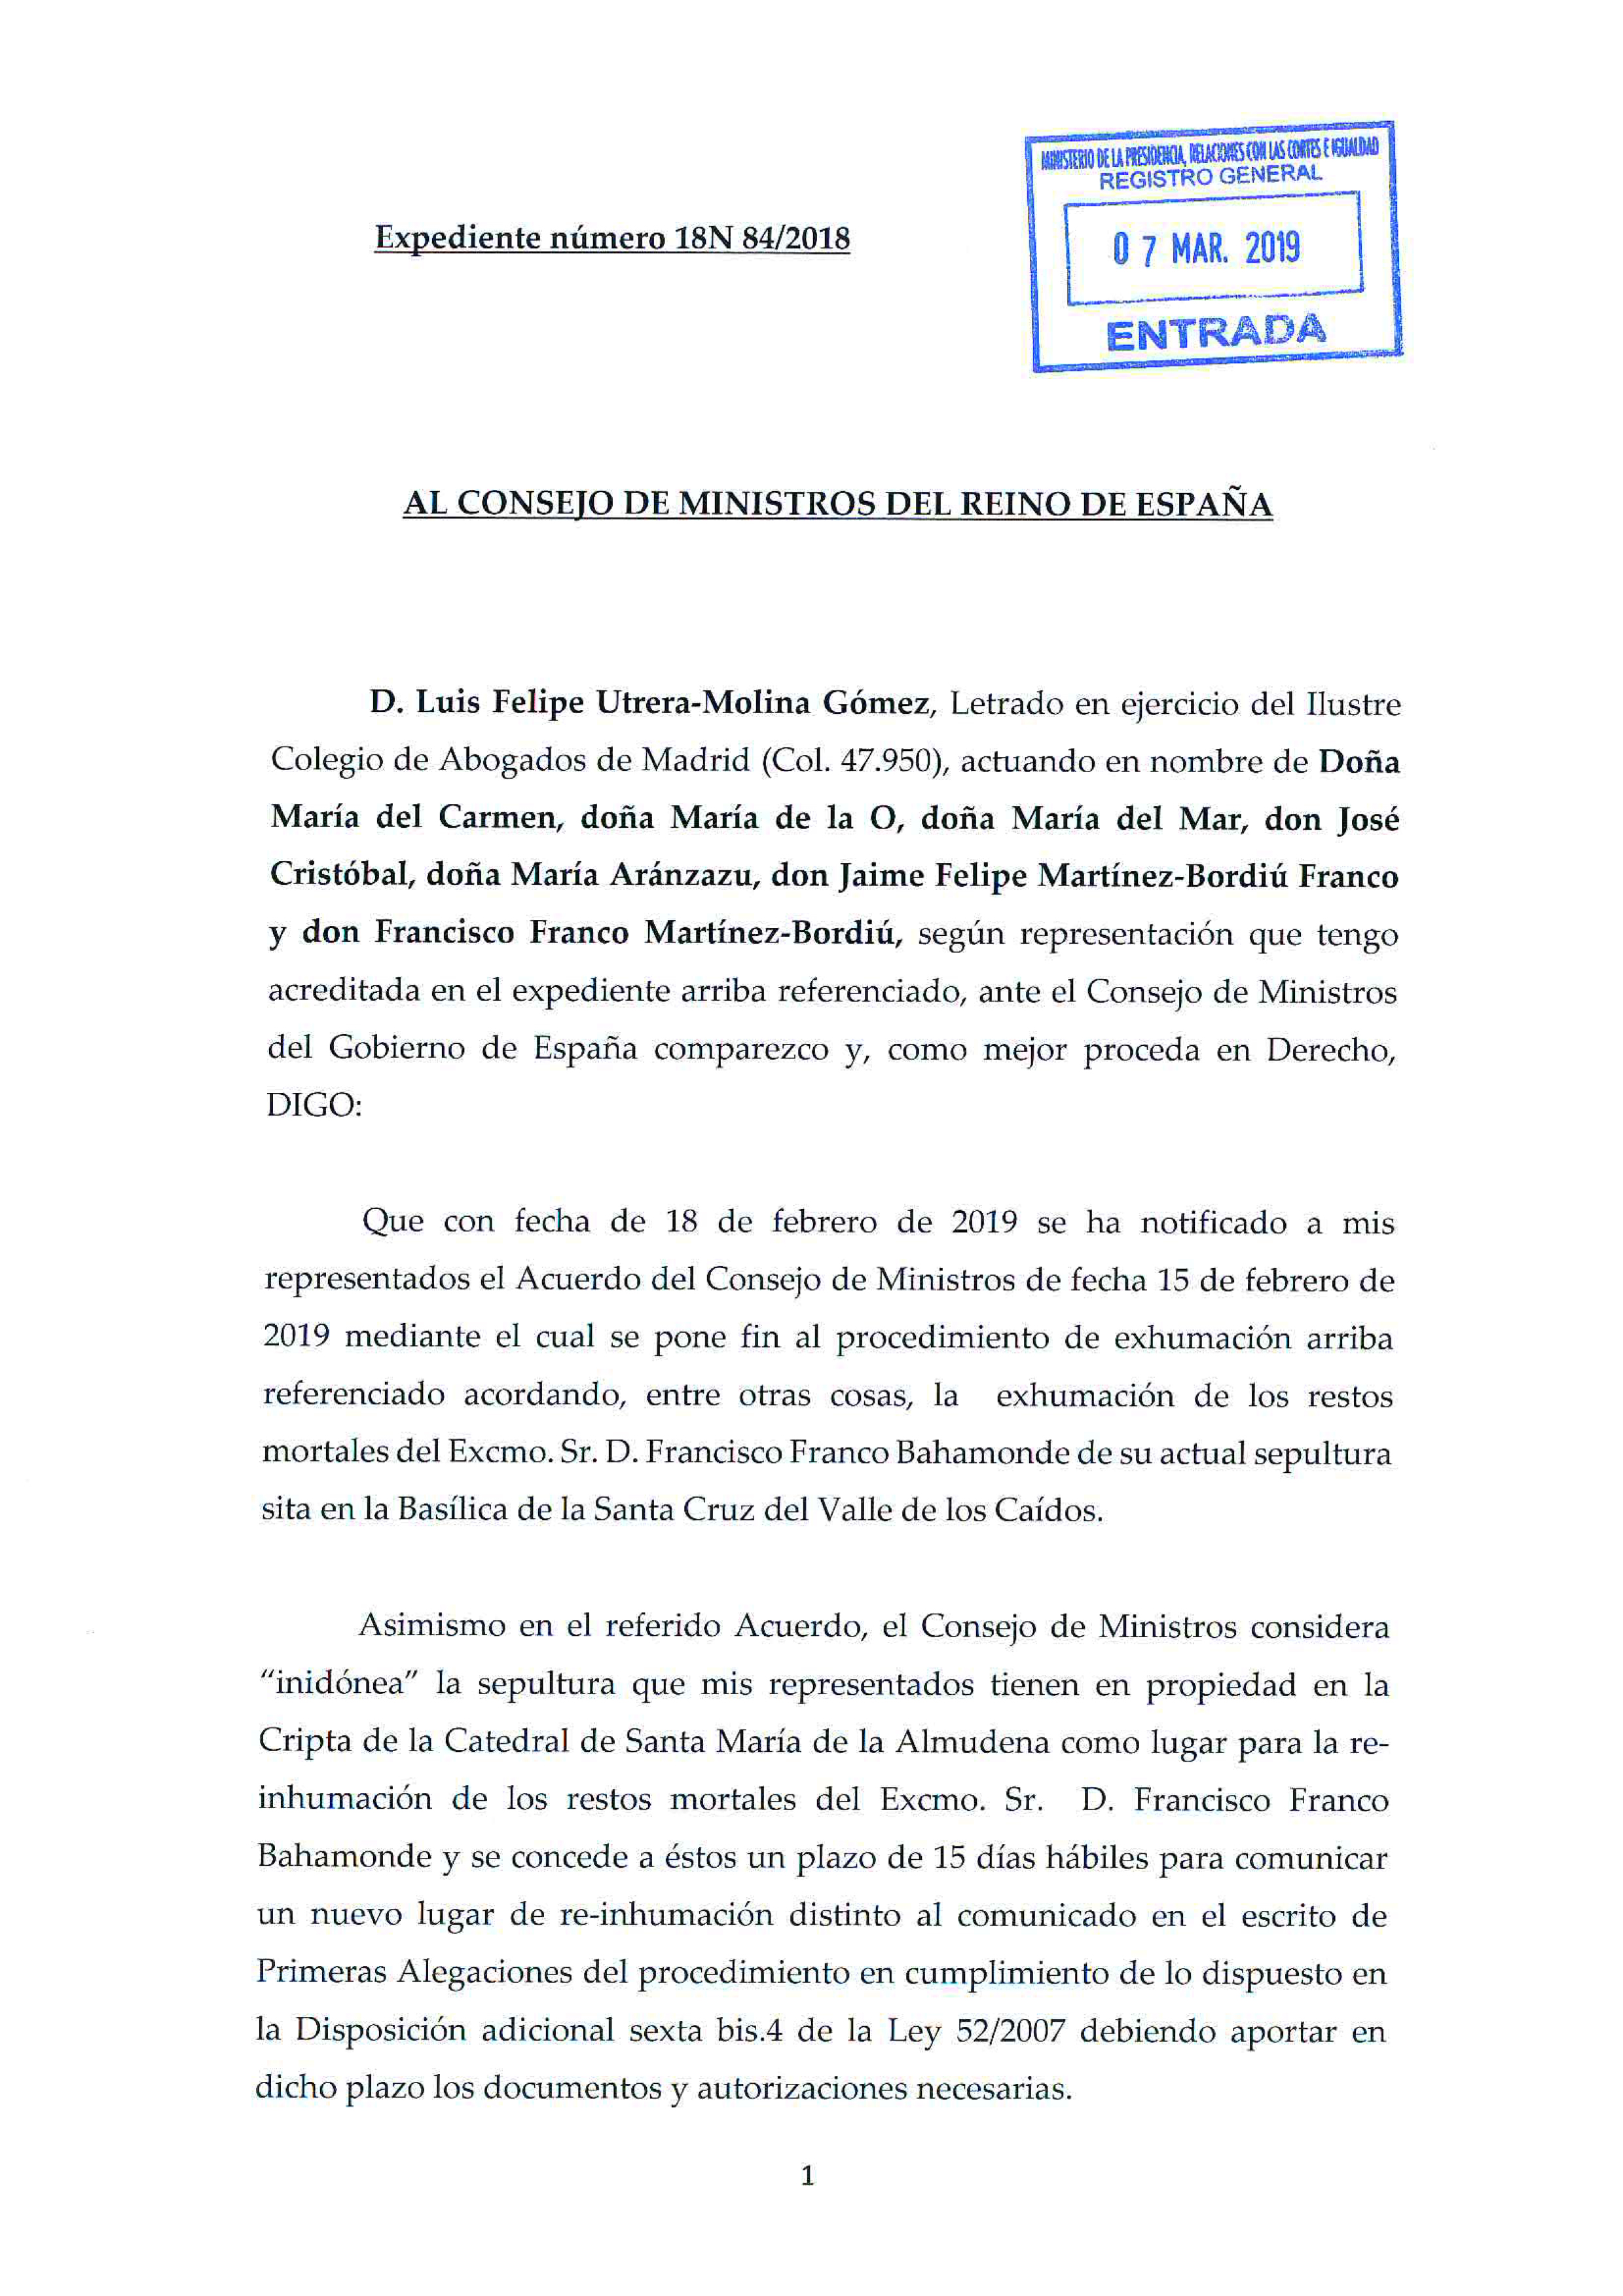 Escrito_al_Consejo_de_Ministros_anunciando_interposición_de_RCA_07.03_-_1